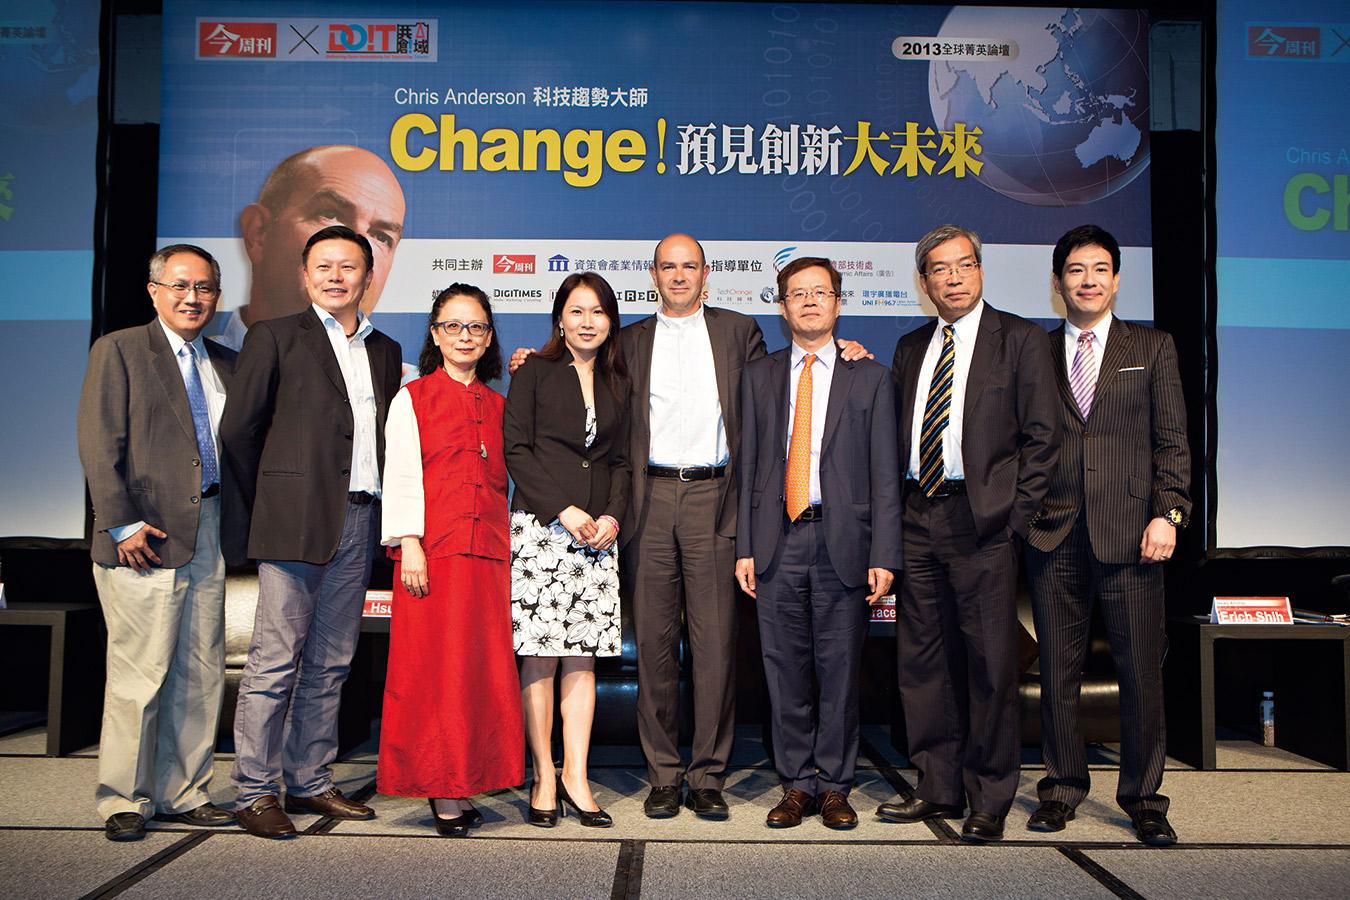 2013年《今周刊》主辦的全球菁英論壇,邀得克里斯安德森與產學界專家共同討論台灣創新未來。